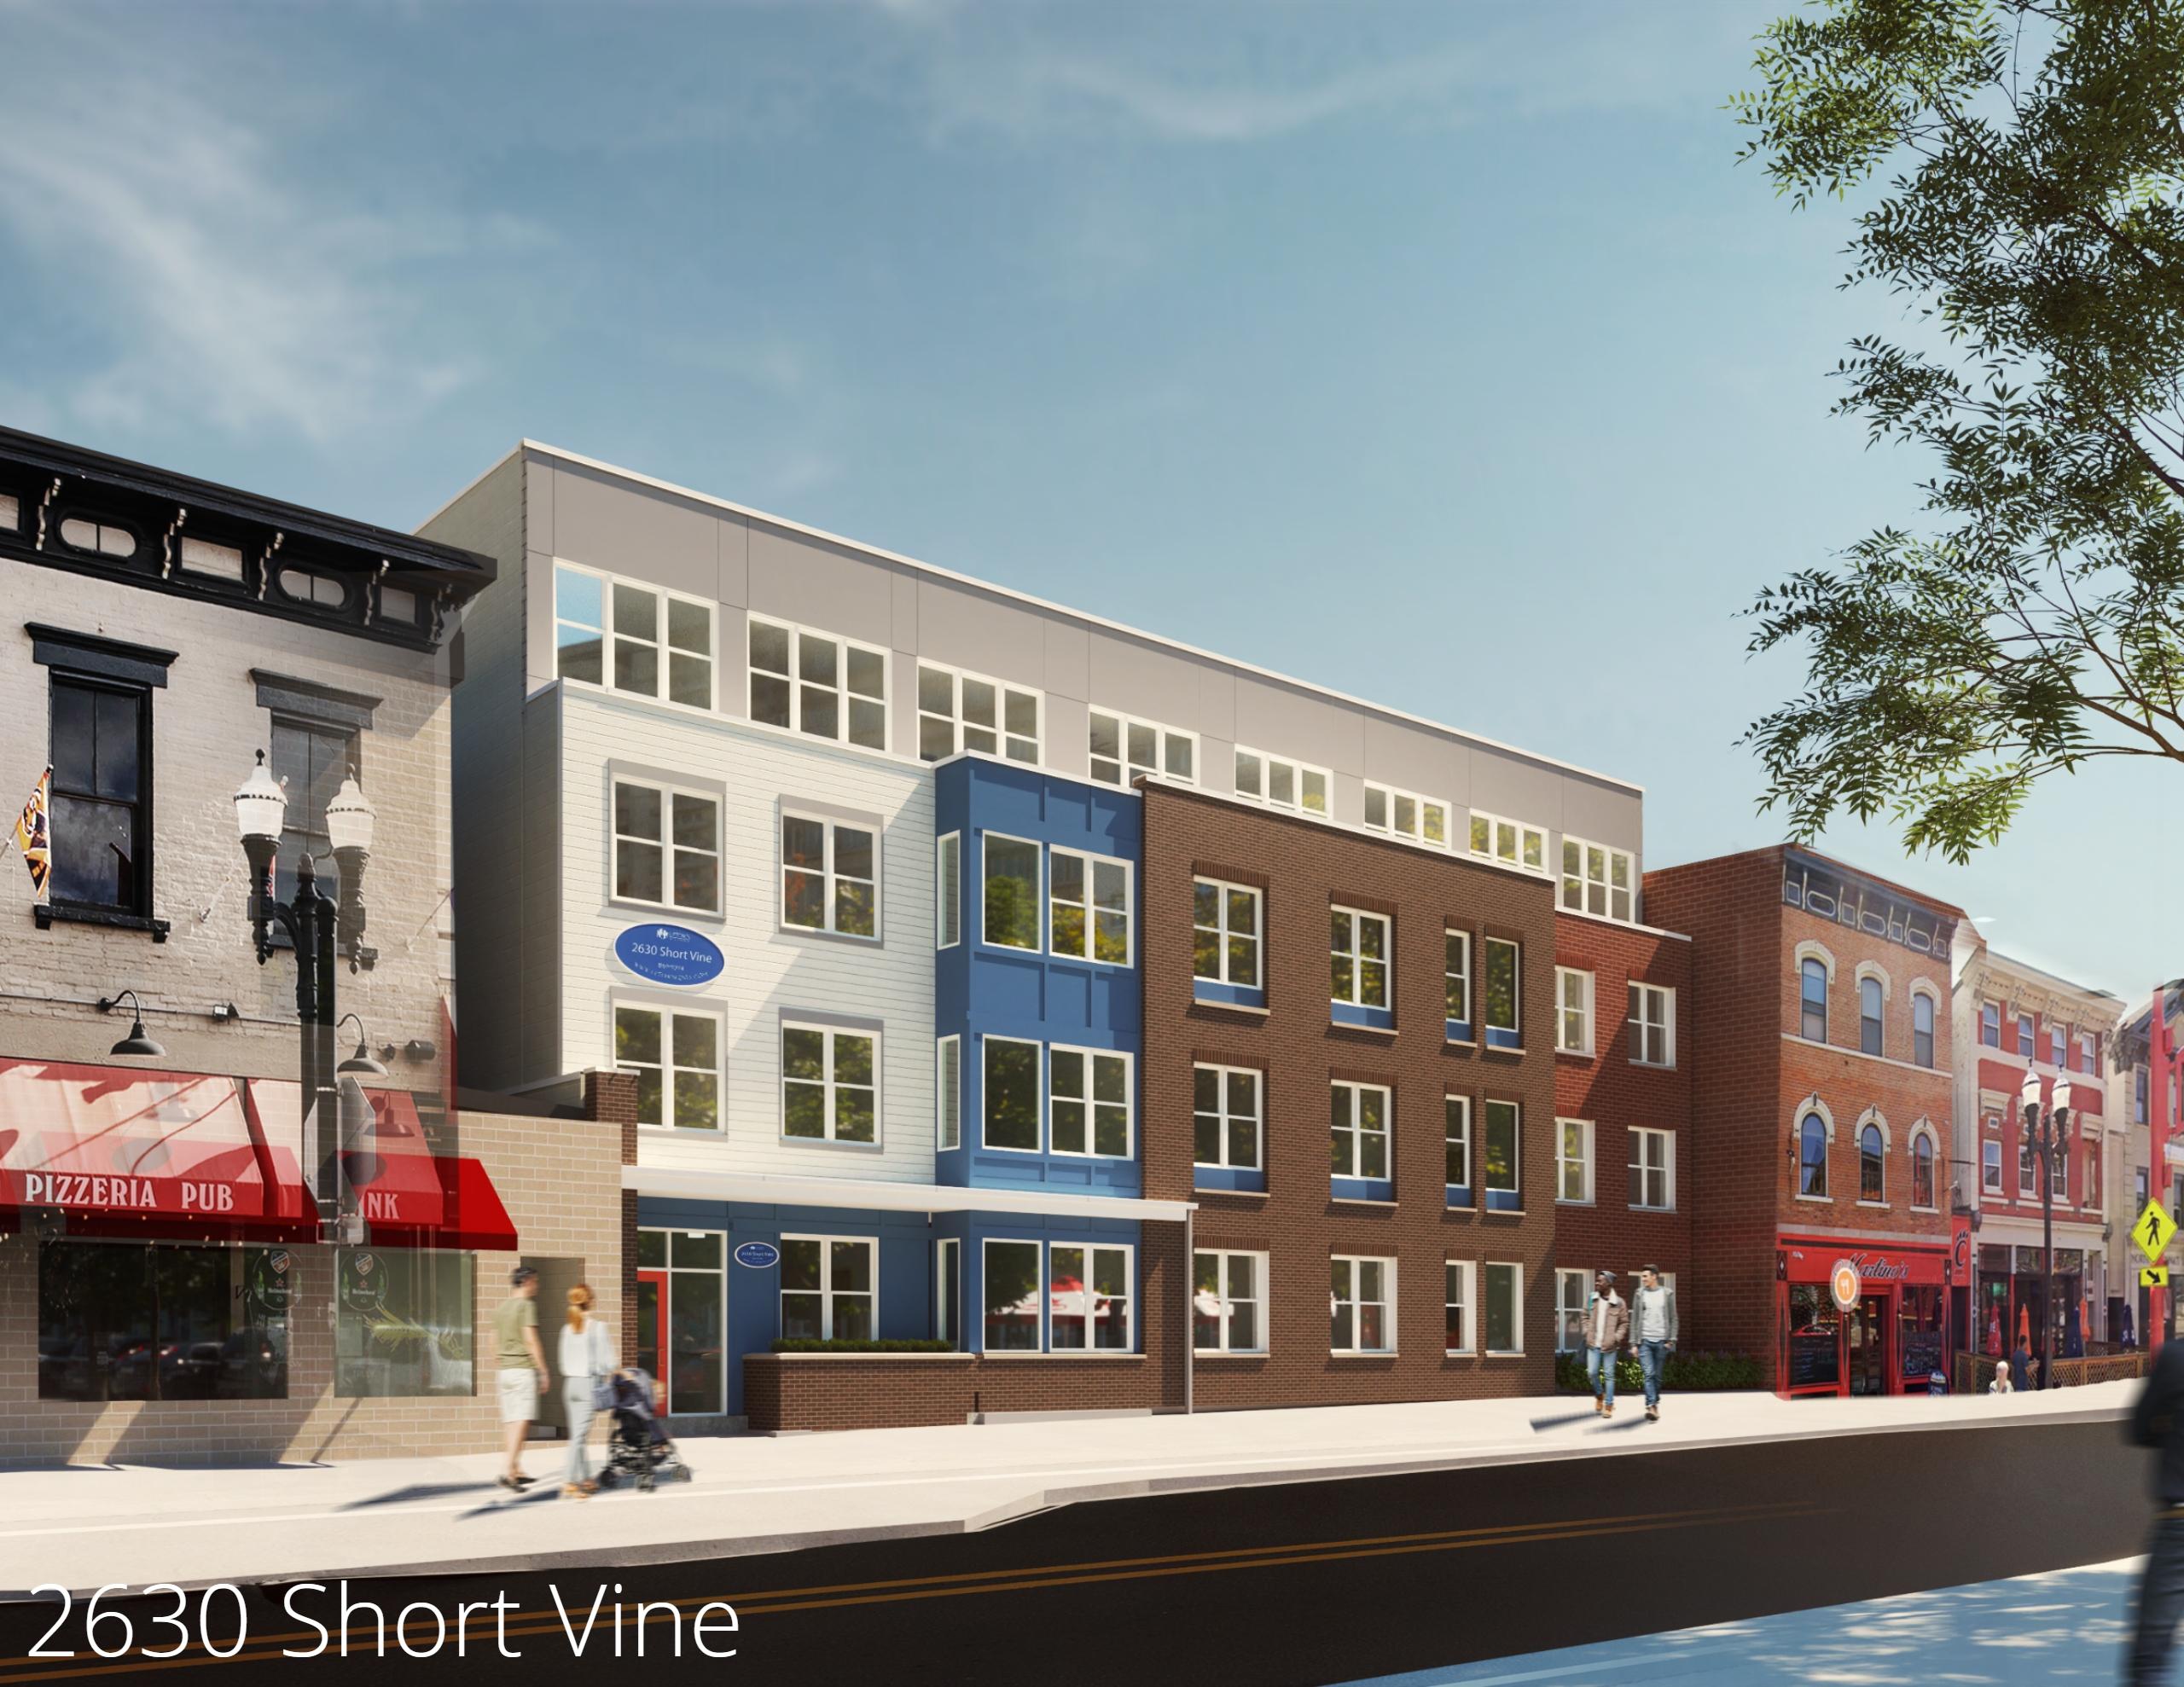 2630 Short Vine apartments